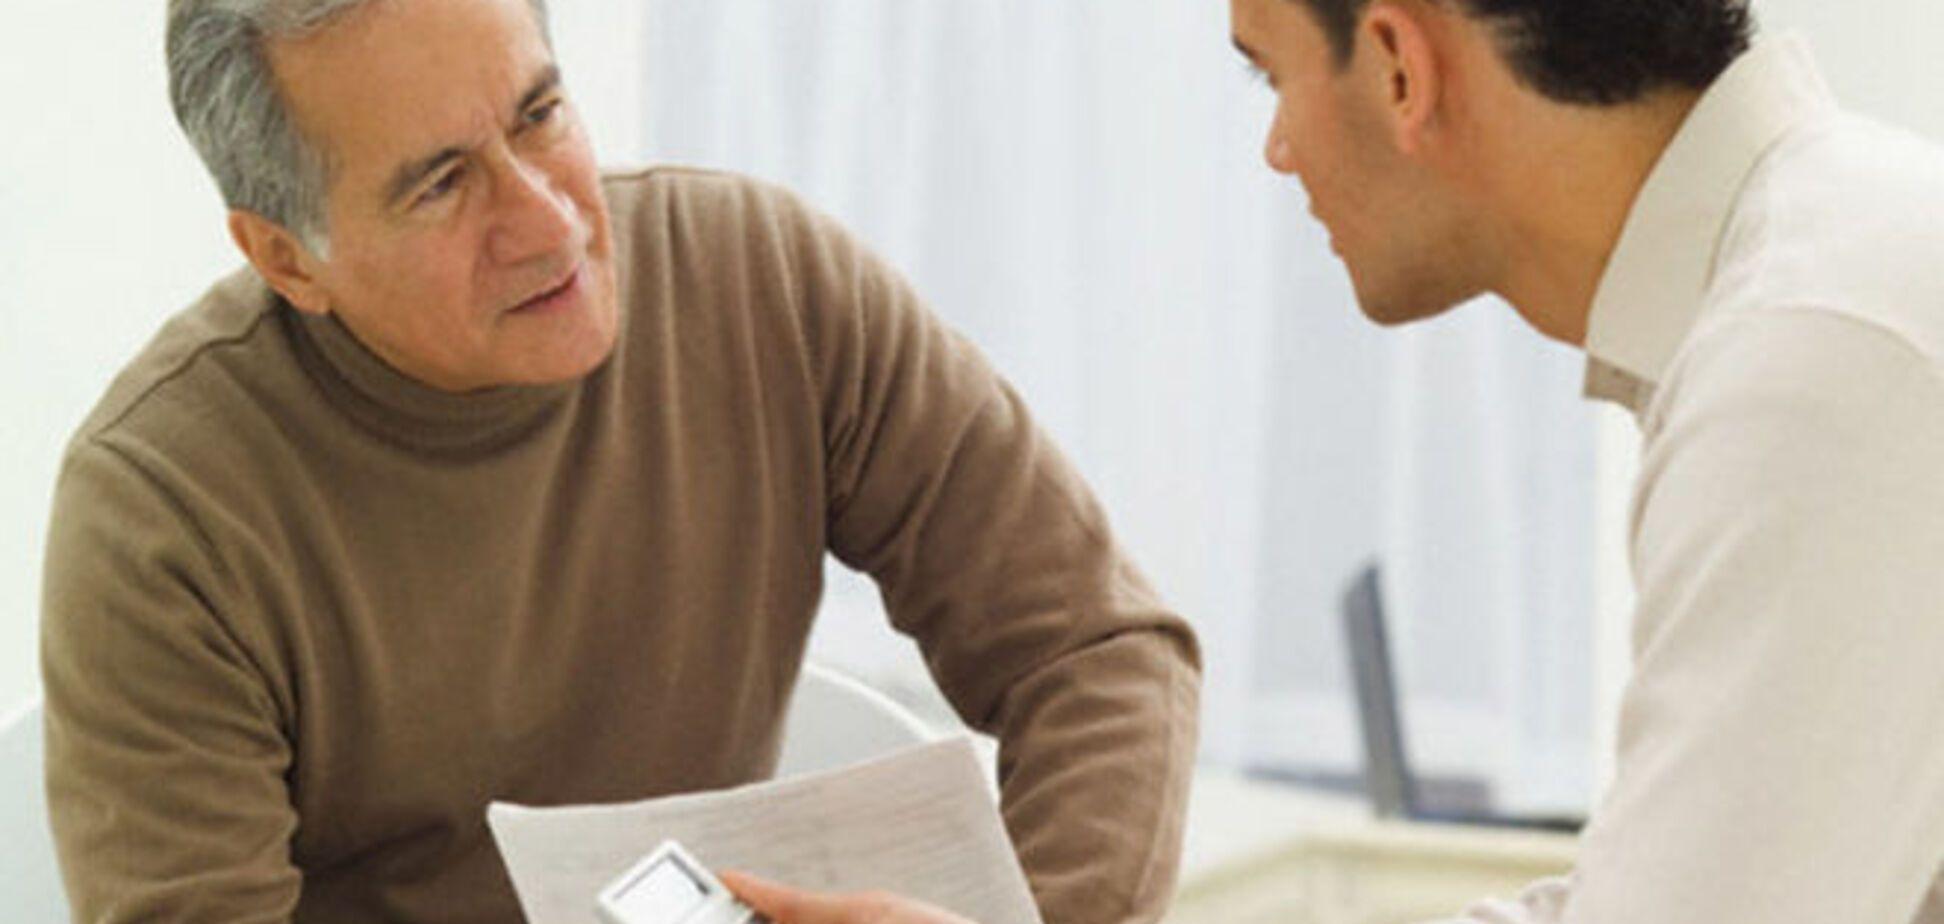 Как преодолеть мужской климакс и нормализовать гормональный баланс